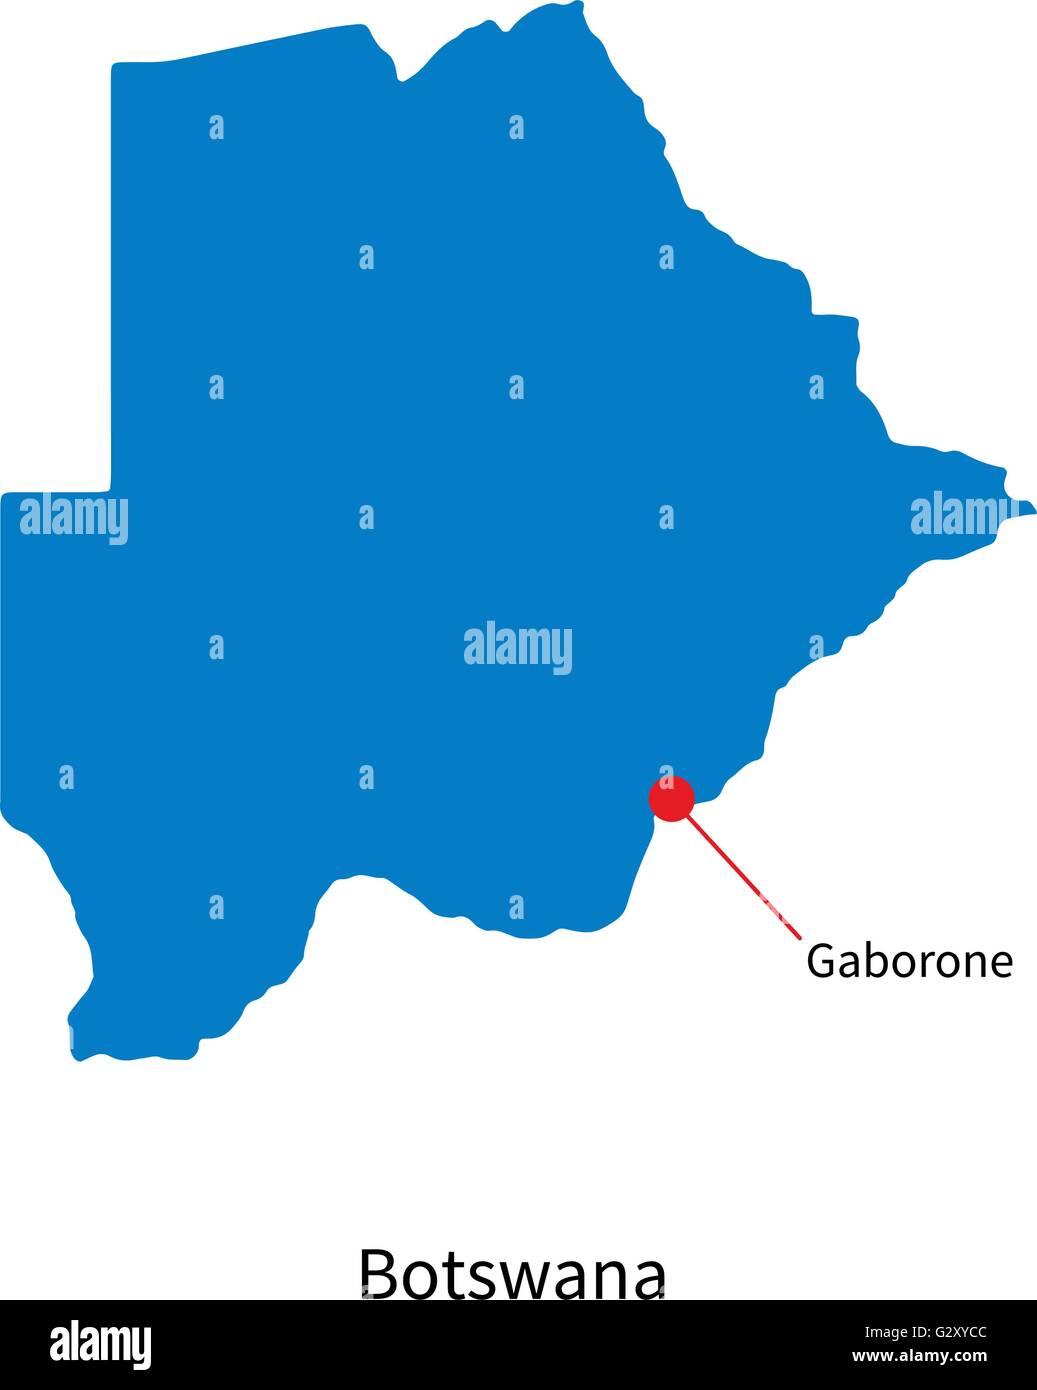 map of gaborone city botswana Detailed Vector Map Of Botswana And Capital City Gaborone Stock map of gaborone city botswana